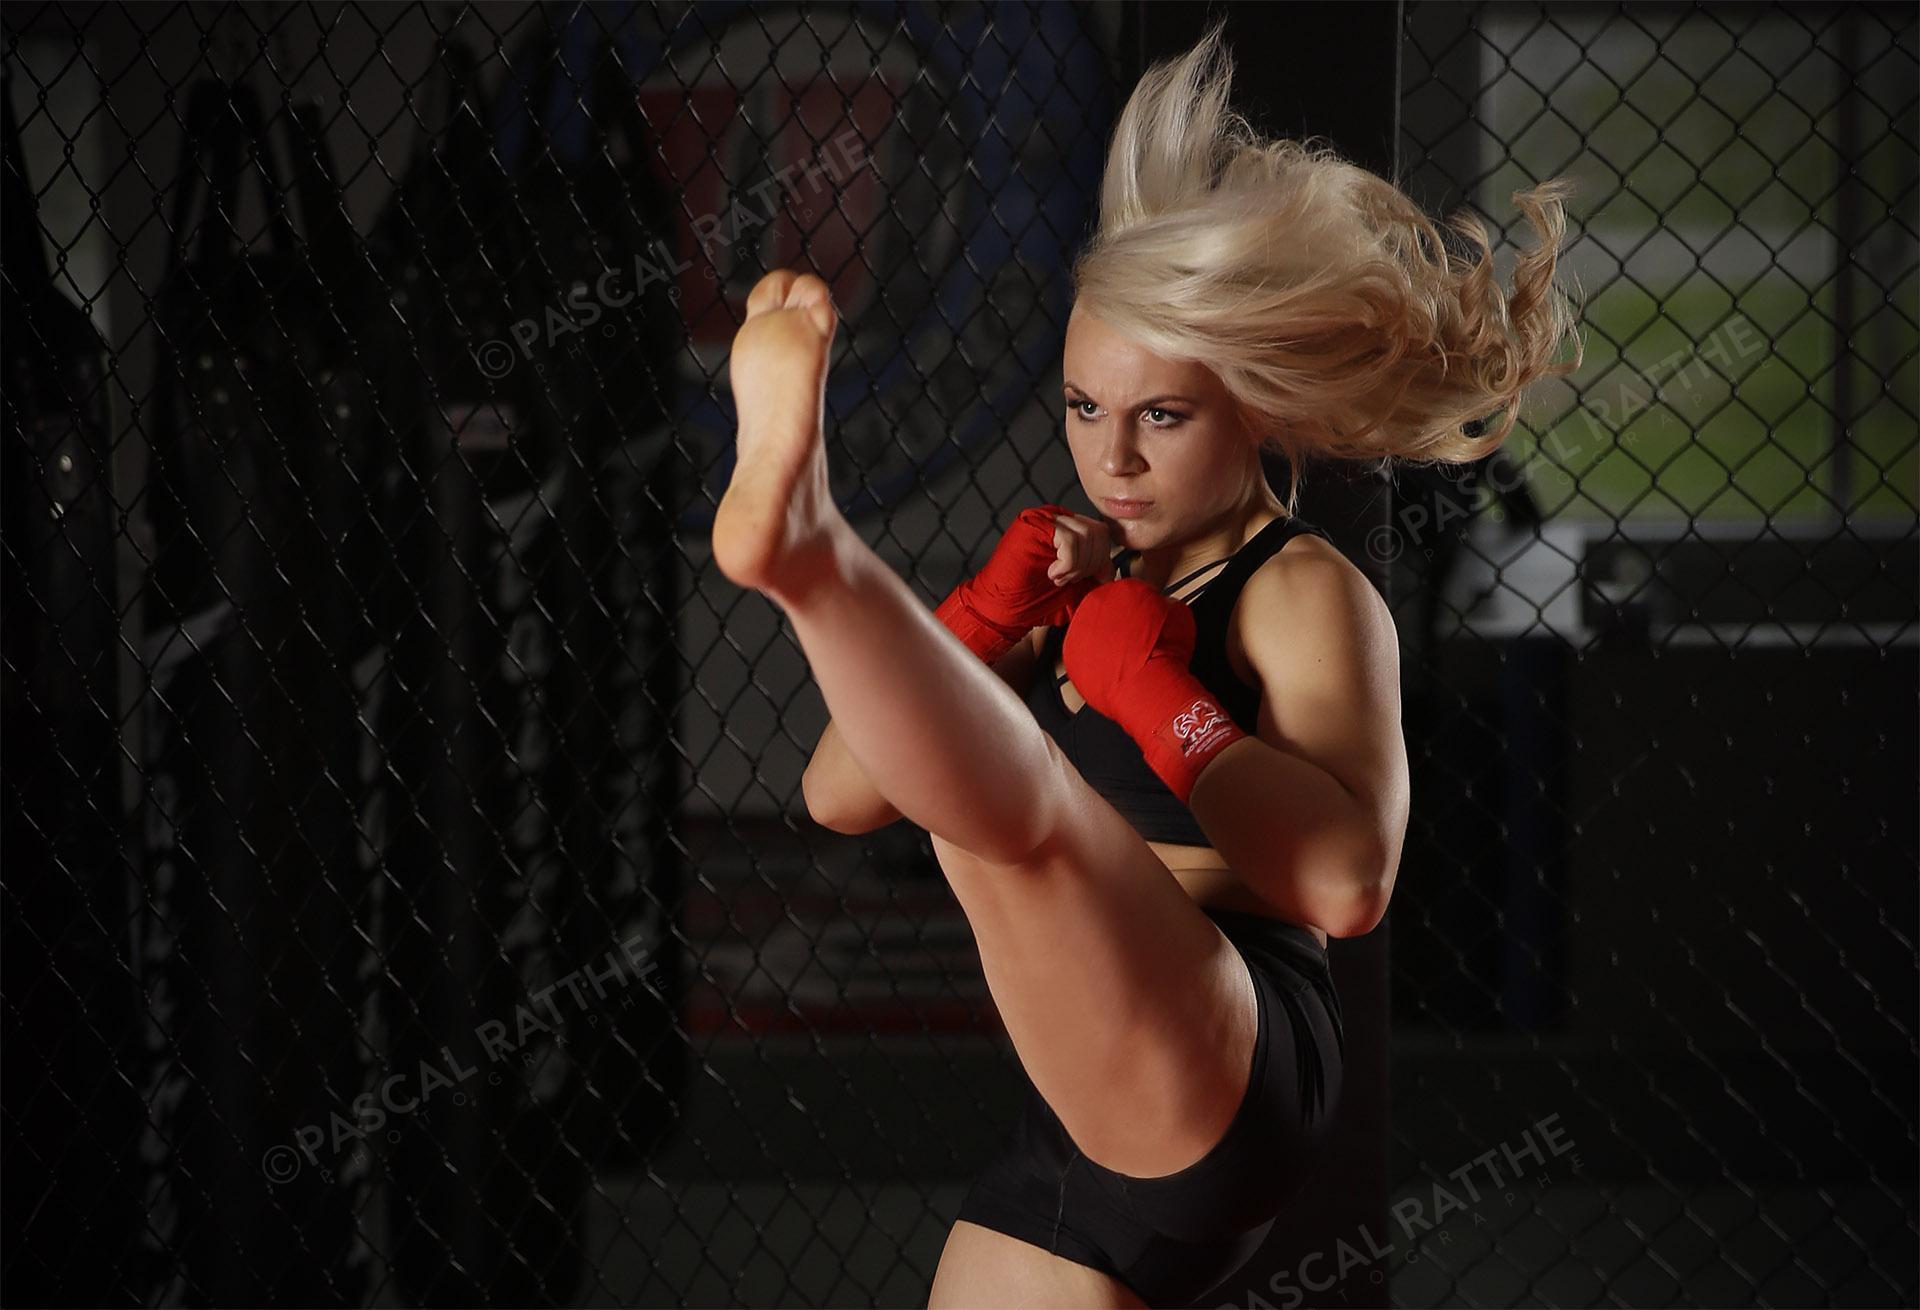 Émilie Gendron une jeune femme athlète de mma donne un coup de pied dans les air avec un regard furieux